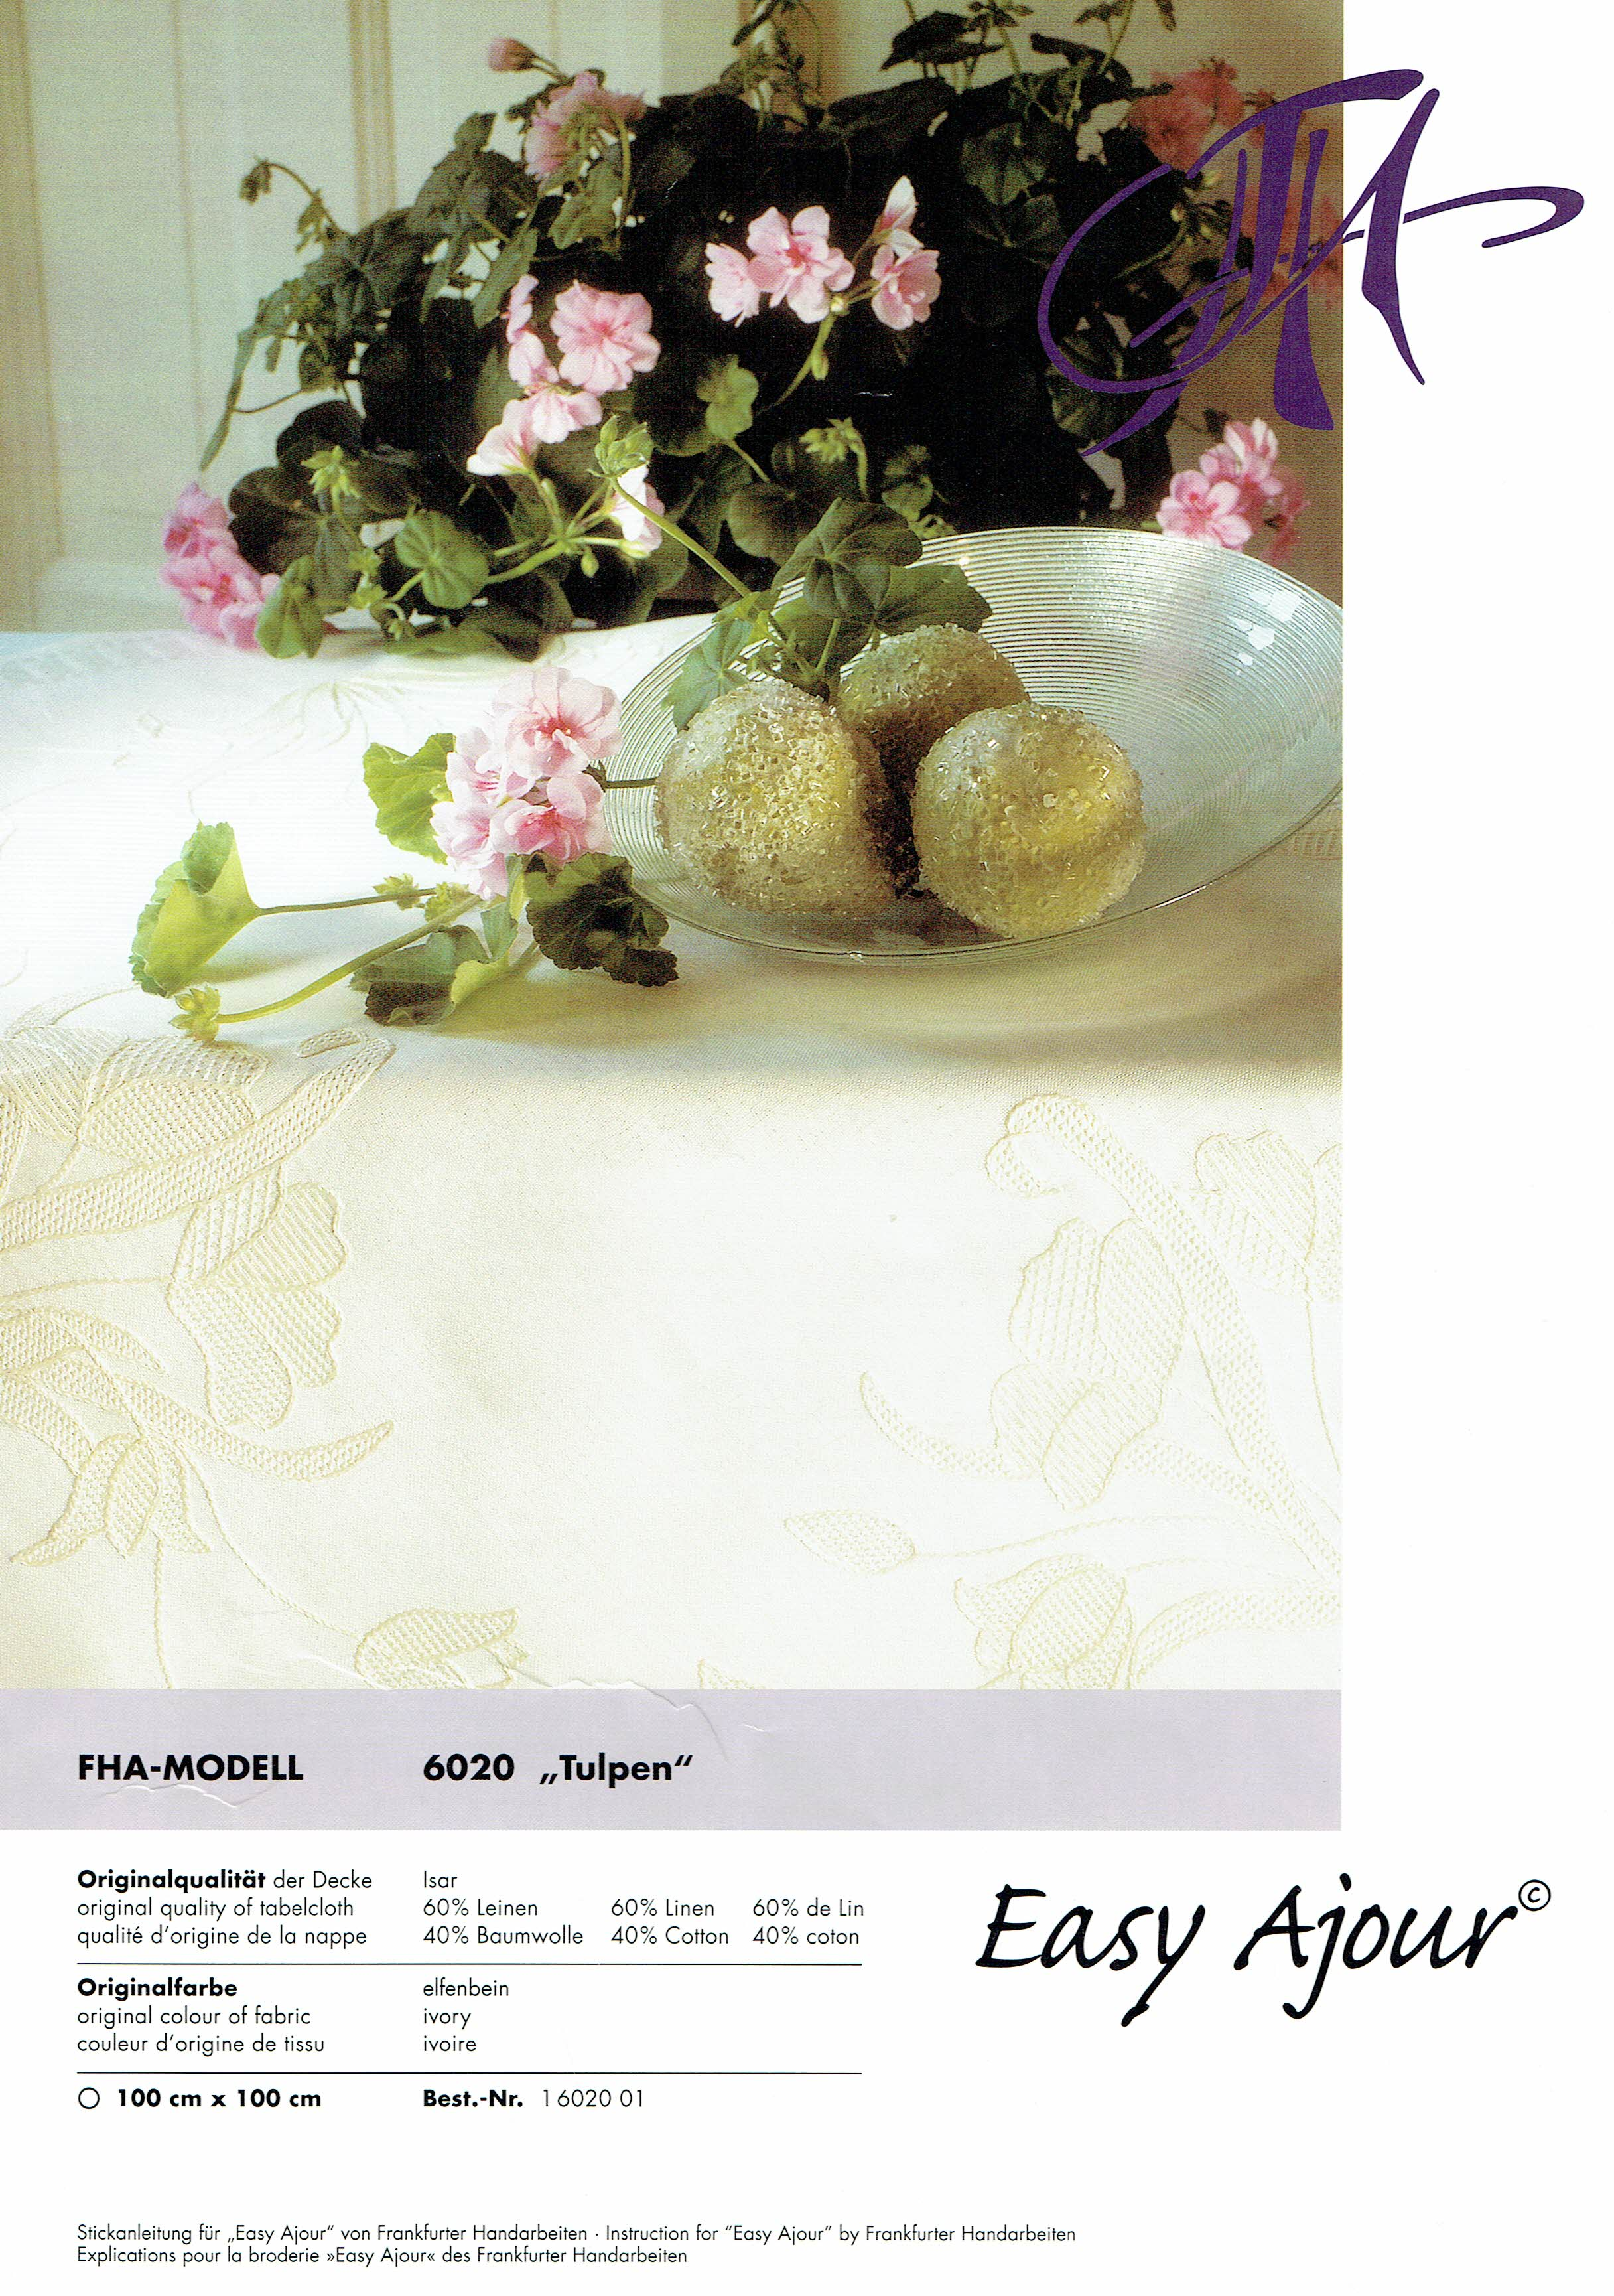 Easy Ajour - Modell 6020 - Tulpe